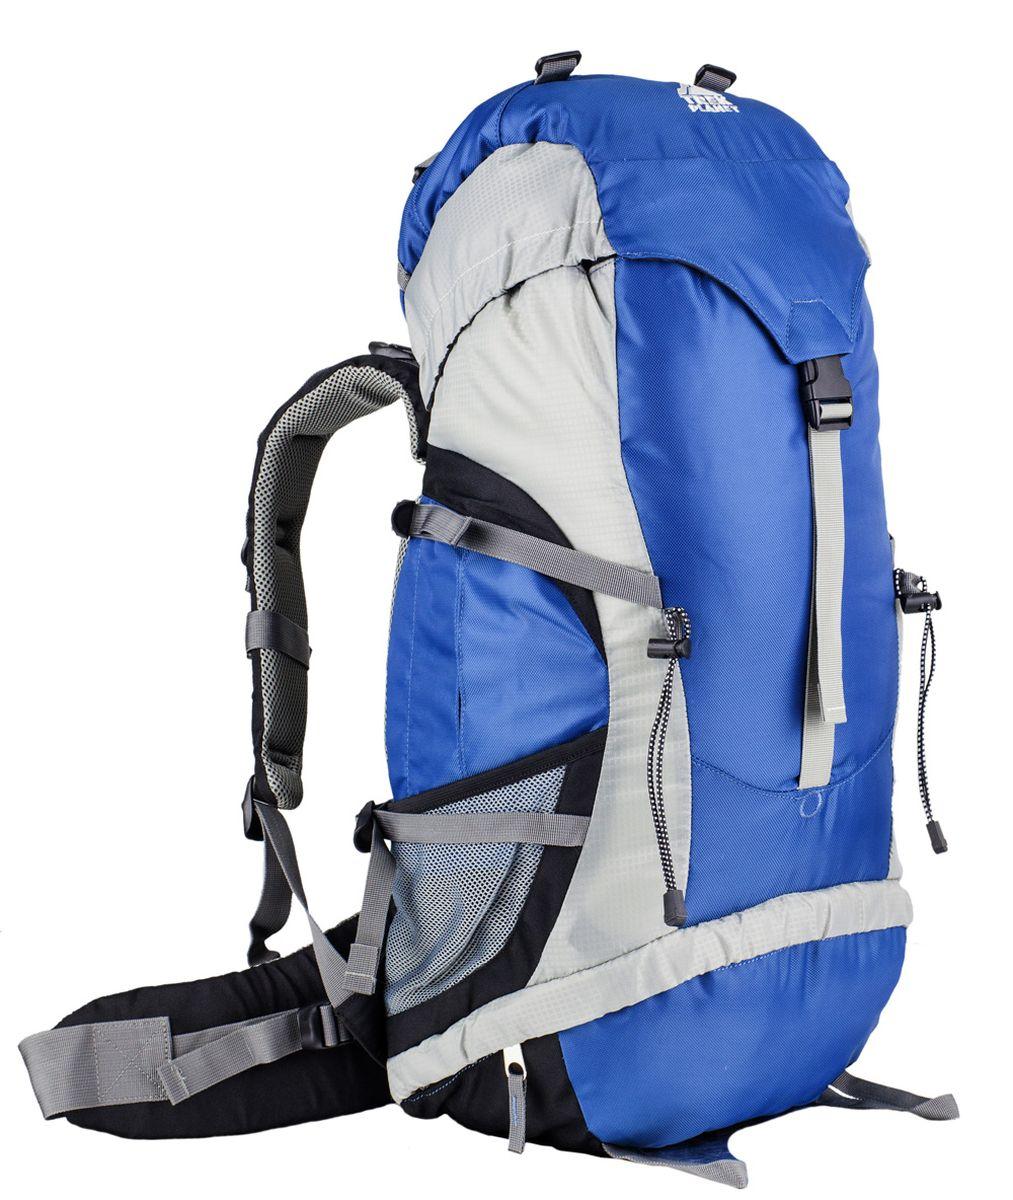 Рюкзак туристический Trek Planet Move 45, цвет: синий70554Универсальный туристический рюкзак Trek Planet Move 45 - отличный выбор для небольших походов и путешествий. Двойные боковые и вертикальная стропы позволяют превосходно отрегулировать рюкзак по нужному объему. Анатомическая вентилируемая и регулируемая спинка обеспечивает максимальный комфорт и стабилизацию рюкзака на спине. Карманы по бокам и внизу рюкзака, для часто используемых походных принадлежностей или бутылок с водой. Особенности рюкзака: - Анатомическая вентилируемая спина, - Анатомические регулируемые лямки, - Дополнительные боковые карманы на молнии, - Дополнительный вход в нижнее отделение, - Внутренний карман для документов, - Карман в верхнем клапане, - Сетчатые боковые карманы, - Многофункциональная навеска для снаряжения, - Карман на поясном ремне, - Компрессионные ремни, - Съемный чехол от дождя.Что взять с собой в поход?. Статья OZON Гид